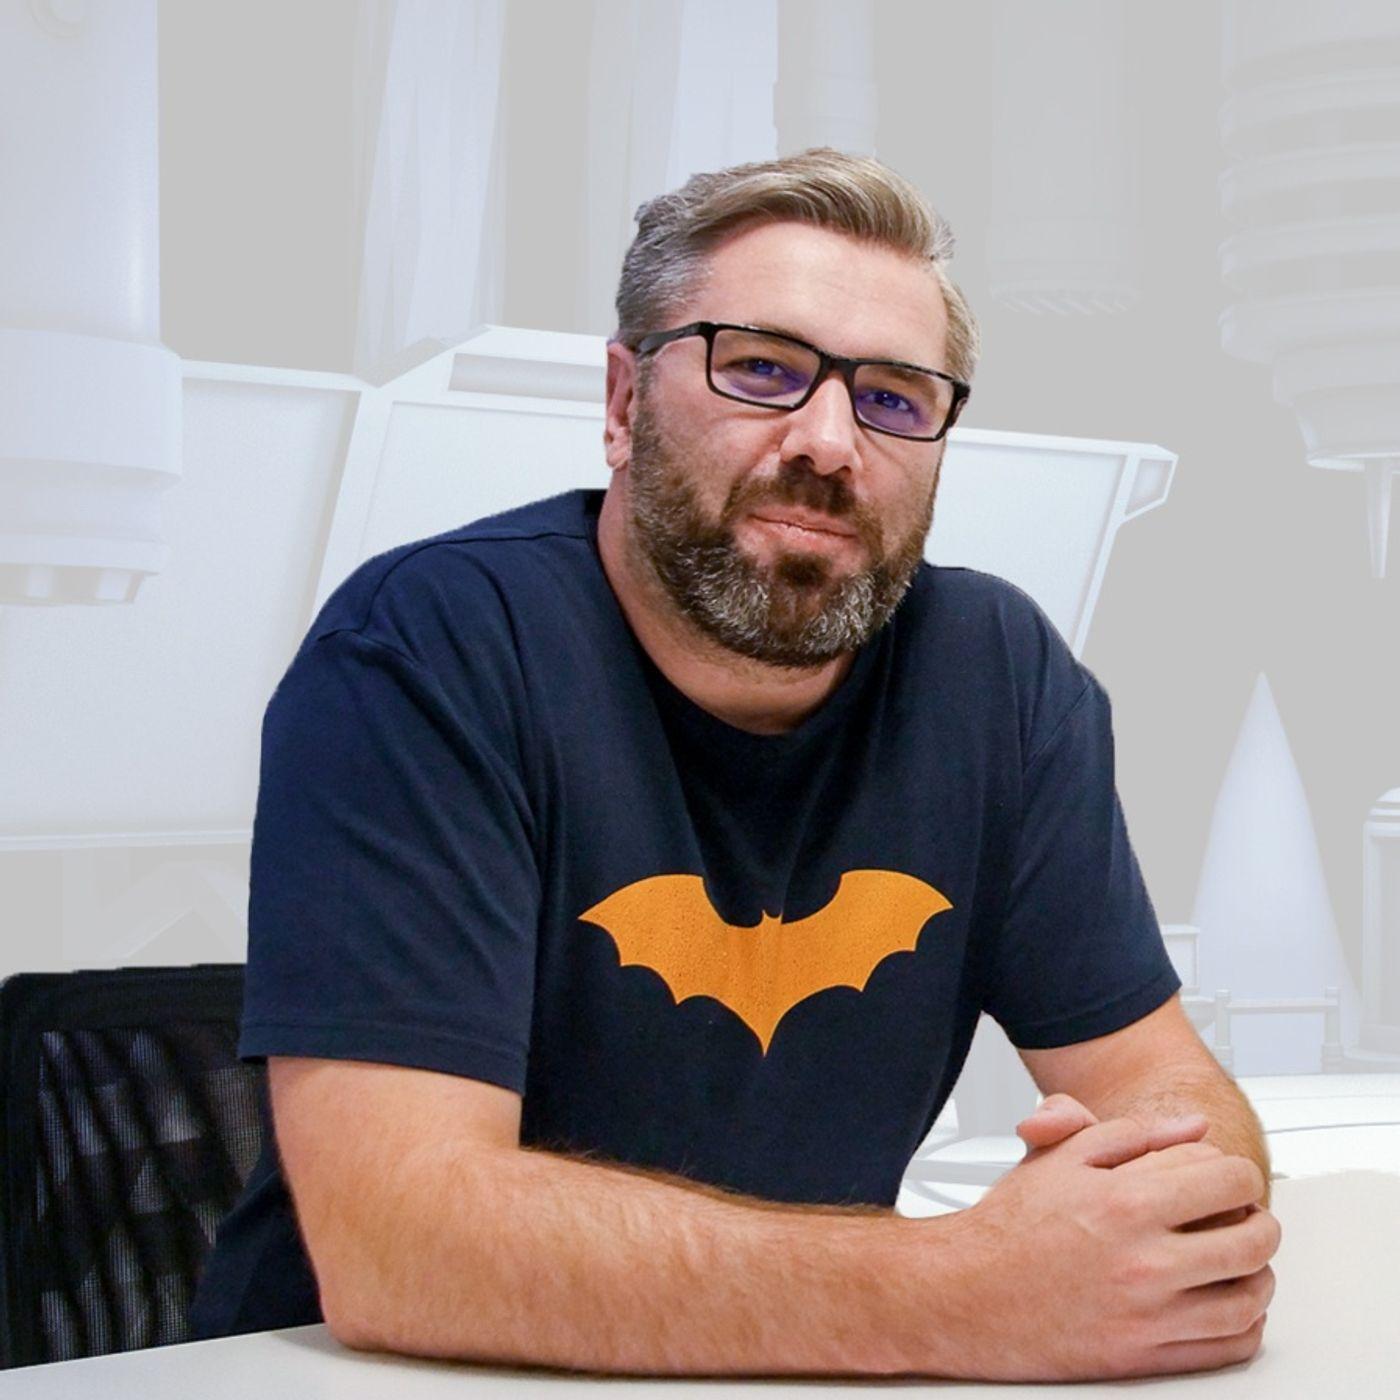 #14 Paweł Tkaczyk - marketingowiec, strateg, specjalista w budowaniu marek, mistrz storytellingu, właściciel agencji Midea